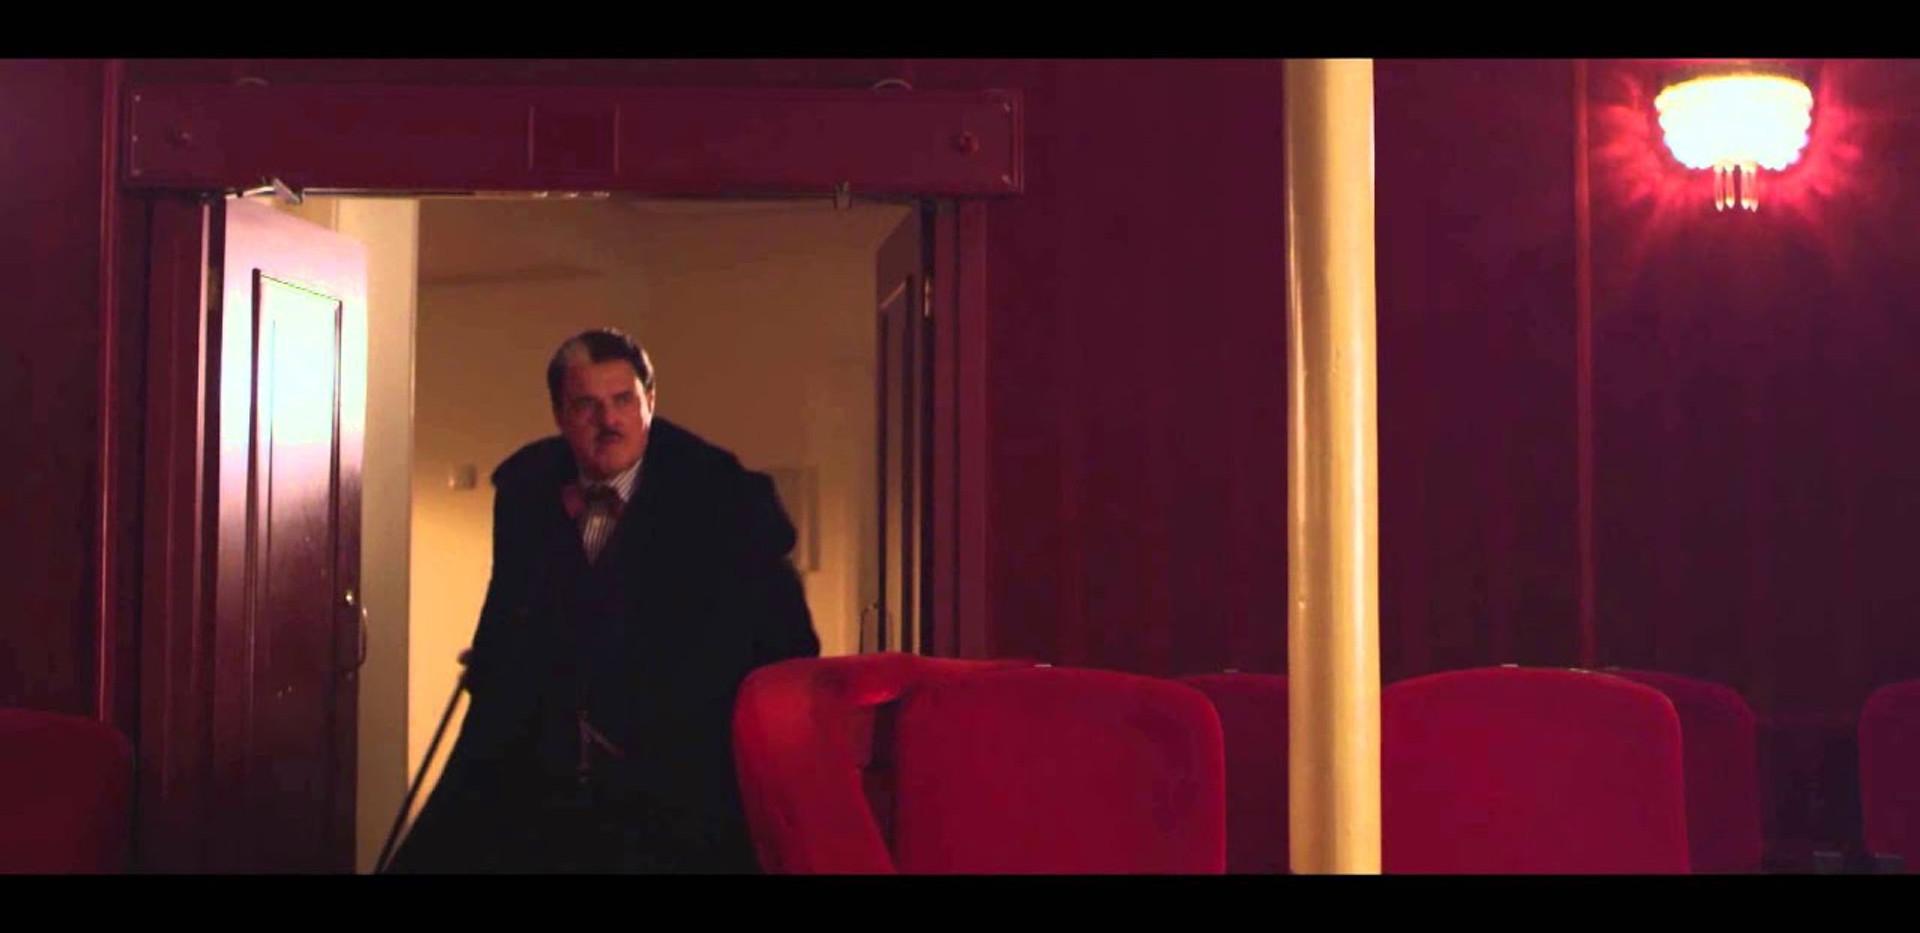 Trailer toneelstuk Vaslav